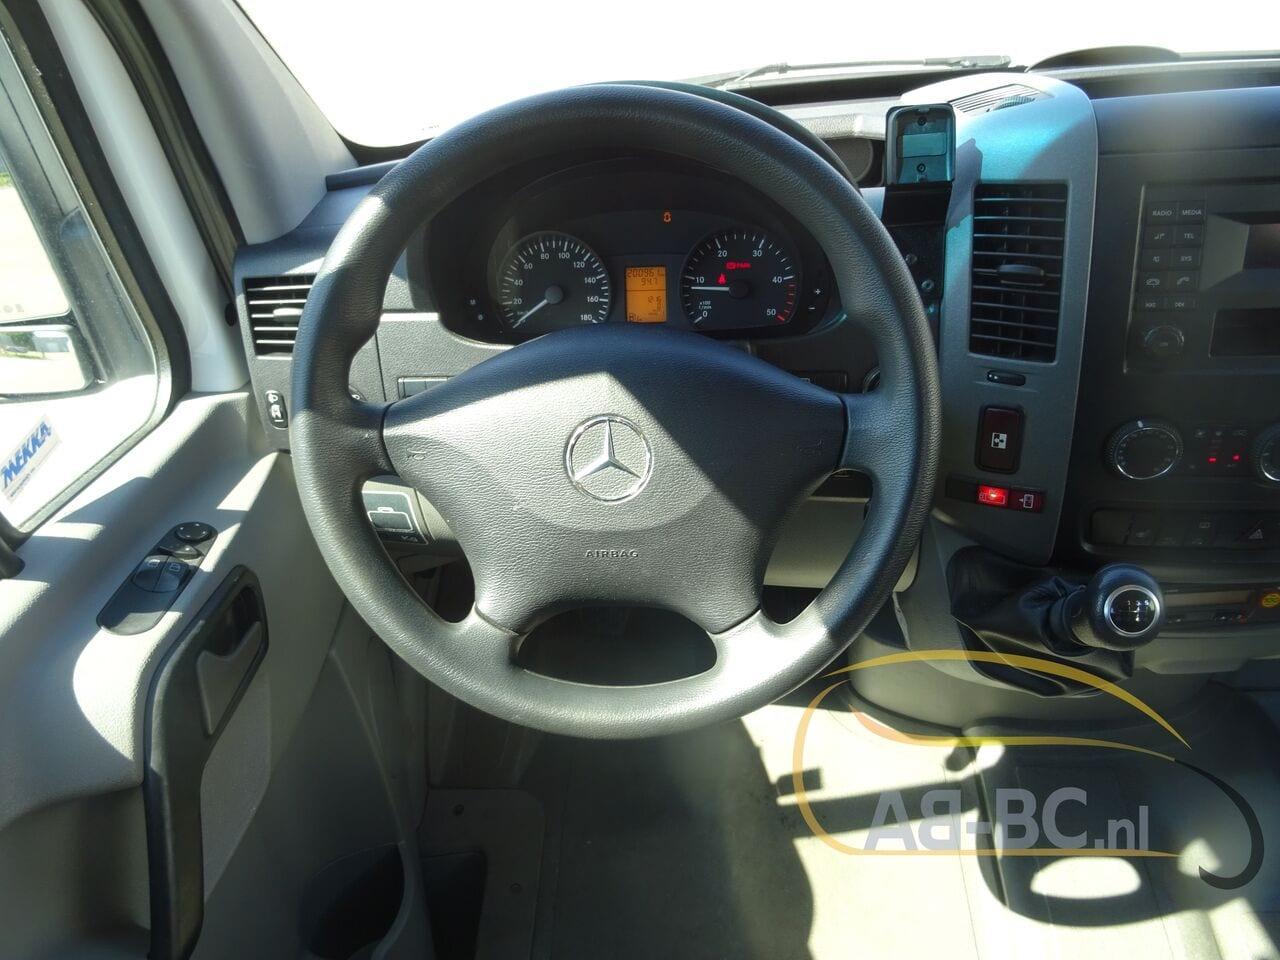 coach-busMERCEDES-BENZ-516-CDI-Sprinter-Transfer-45-23-Seats-EURO-6---1622541284267098832_big_982c6638b8f2c18cbf08cd6155aab93c--21060112394245379500